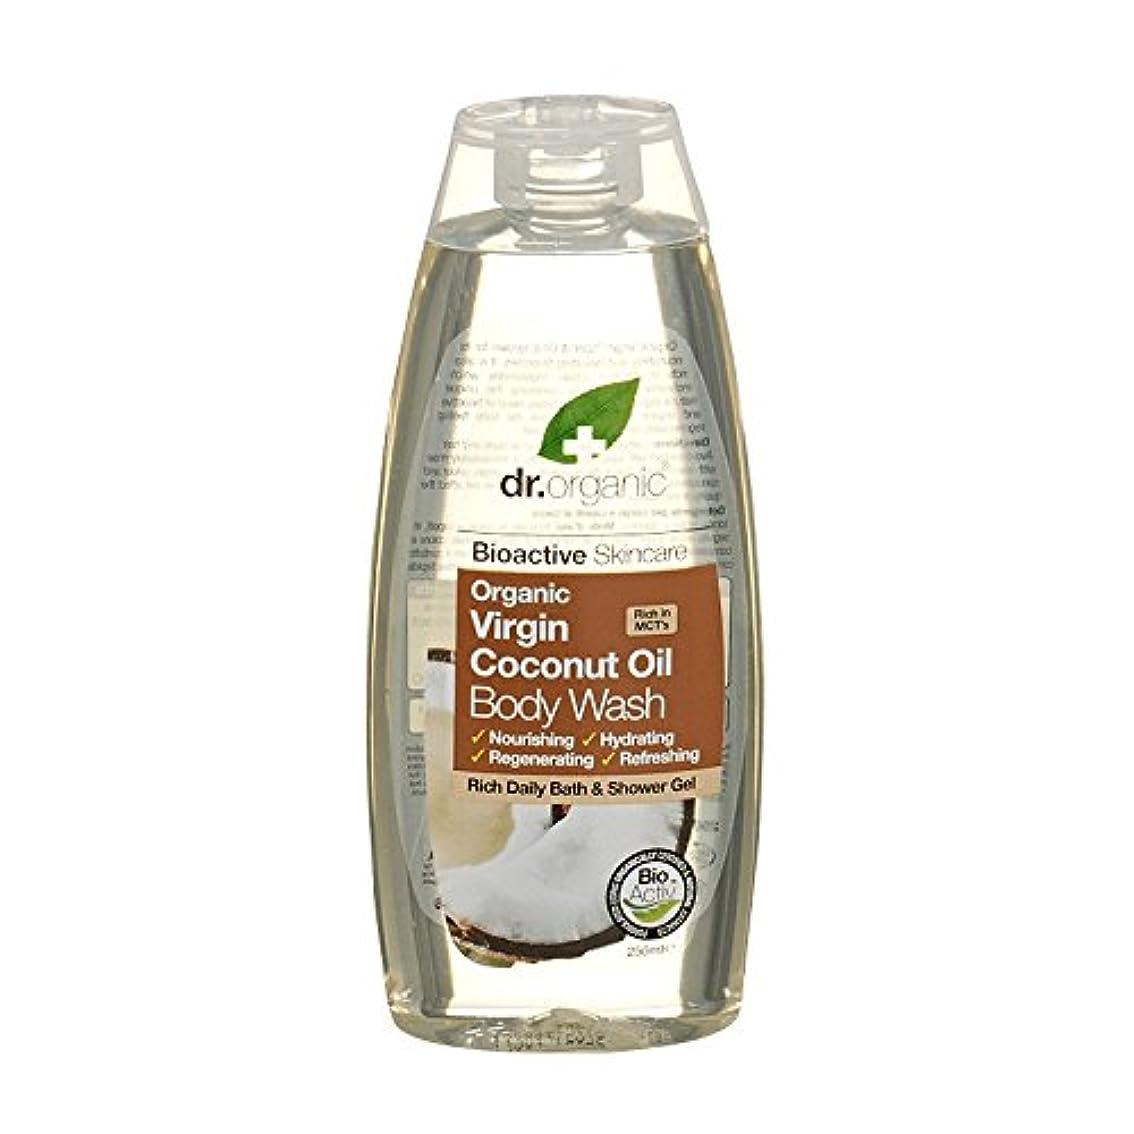 ページ合併症葉Dr Organic Organic Virgin Coconut Oil Body Wash (Pack of 6) - Dr有機有機バージンココナッツオイルボディウォッシュ (x6) [並行輸入品]